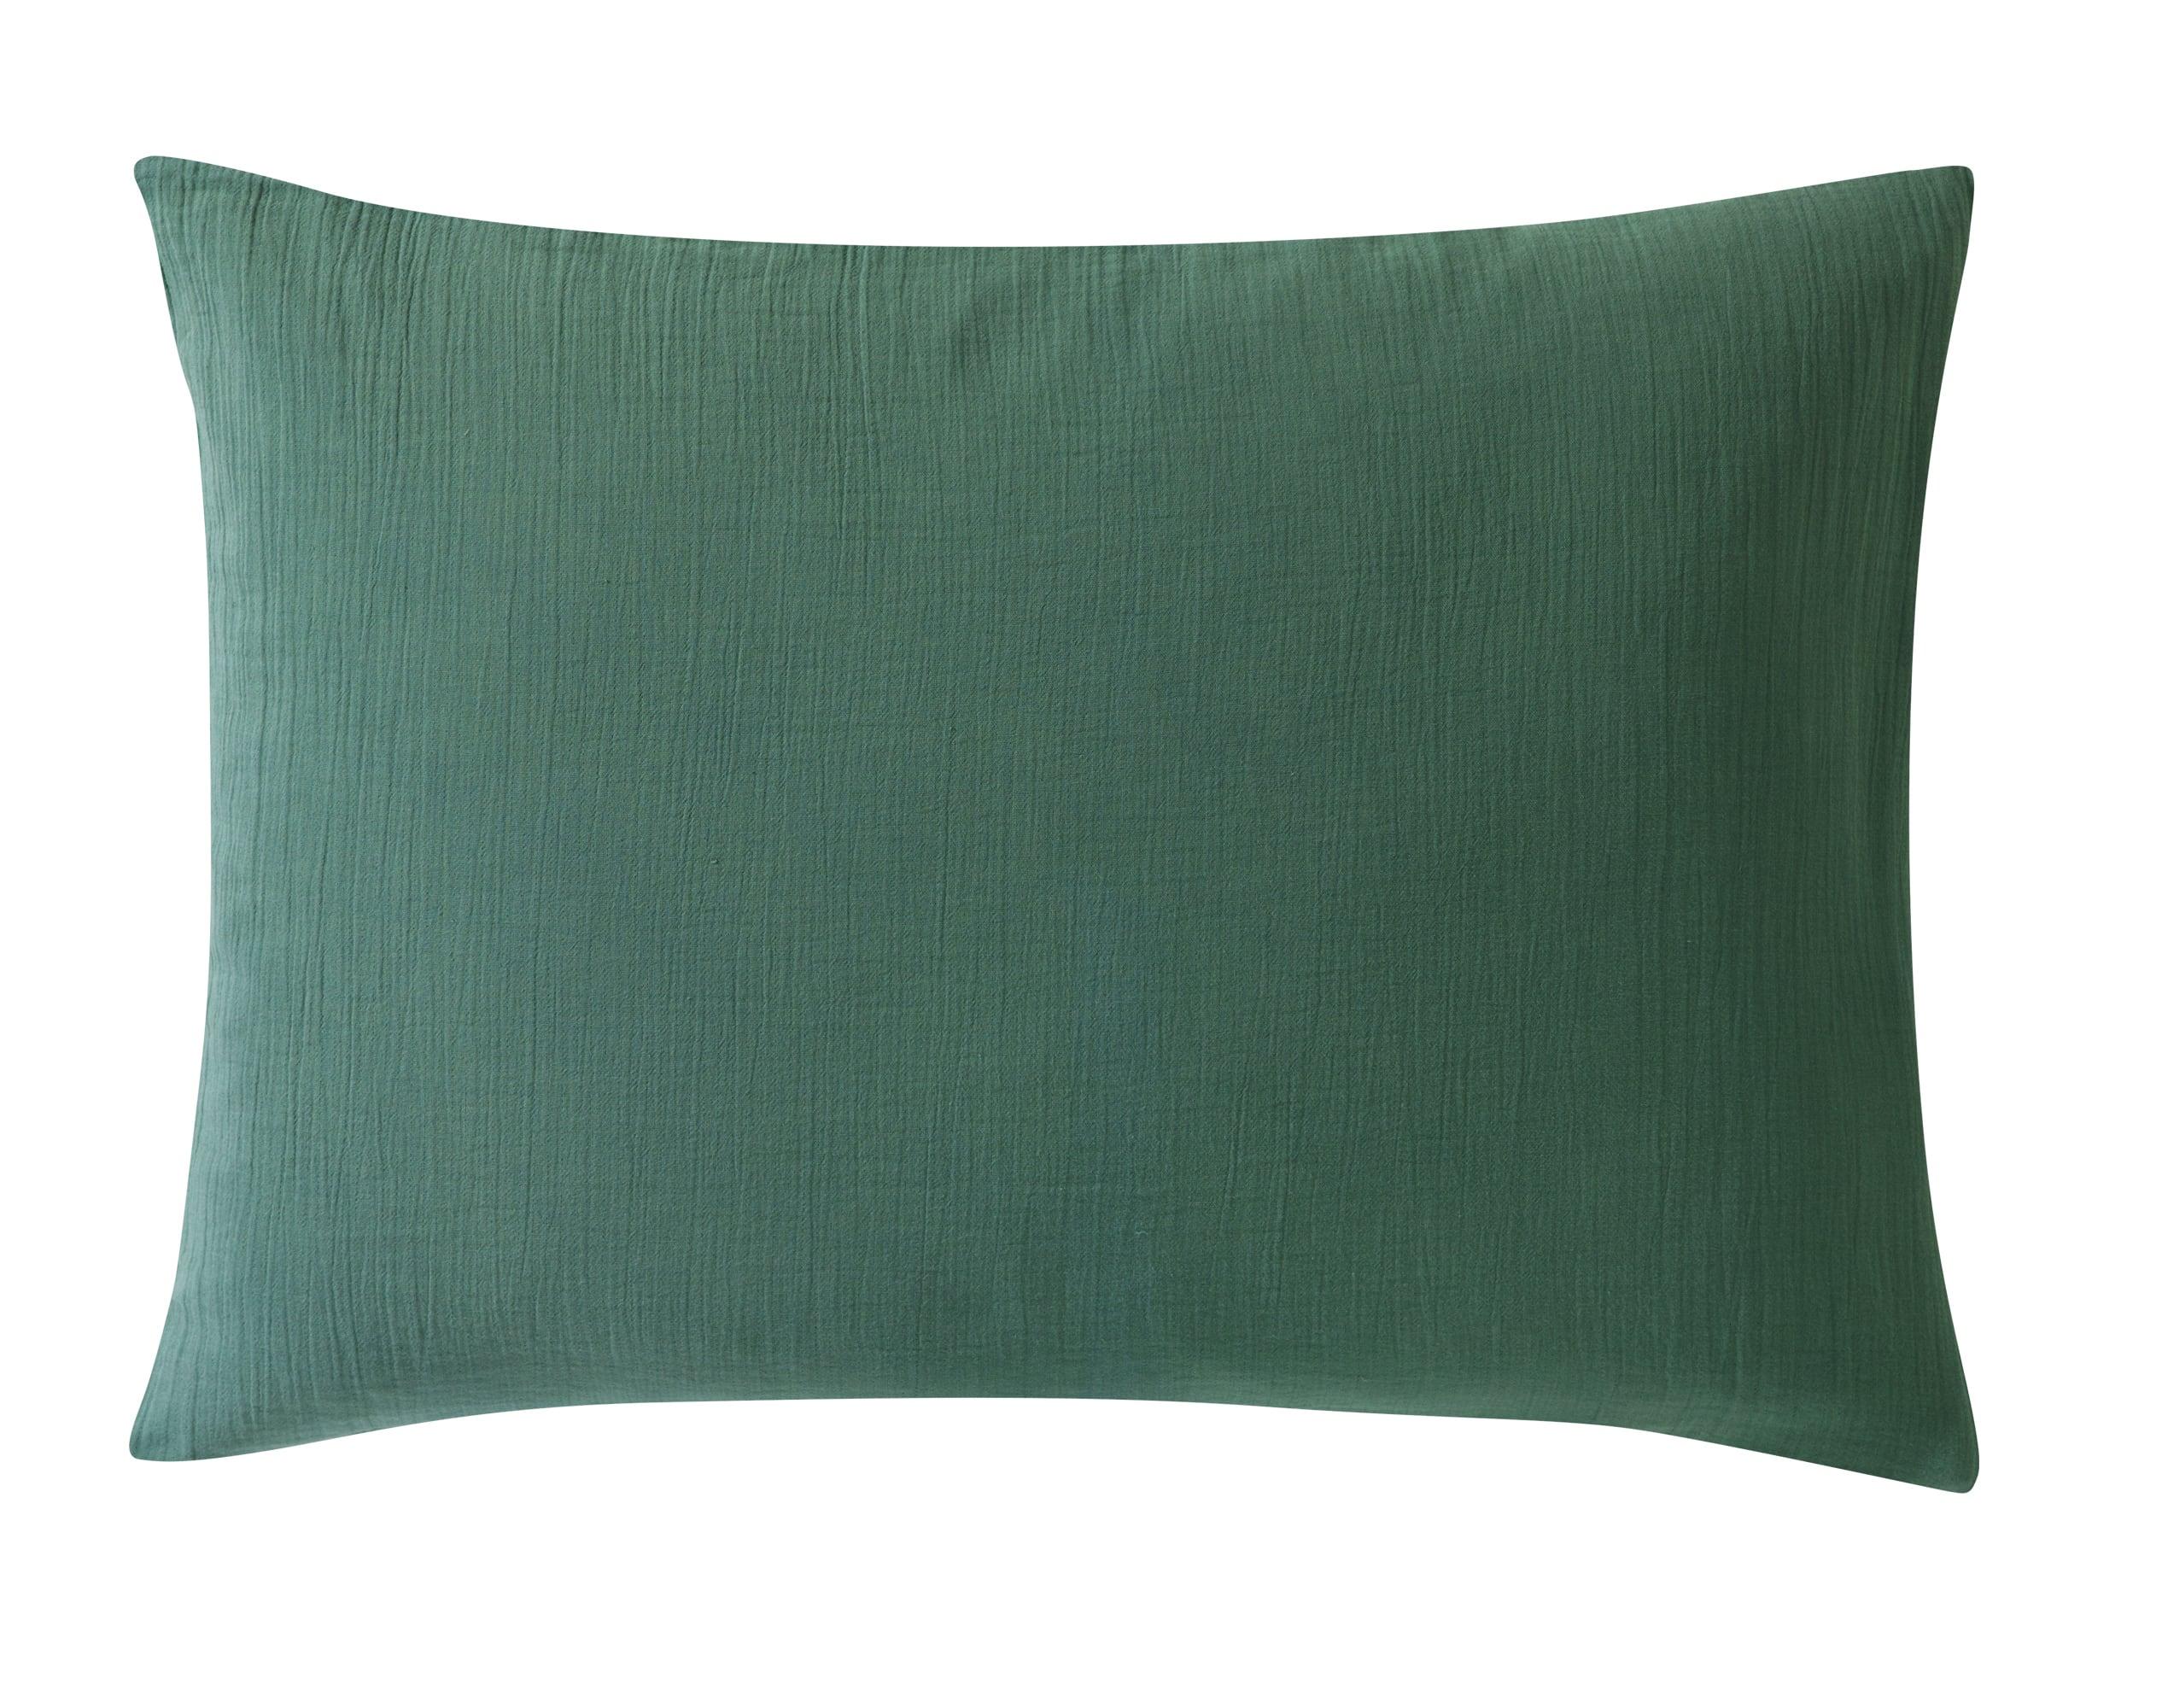 Taie d'oreiller 50x70 en gaze de coton vert céladon